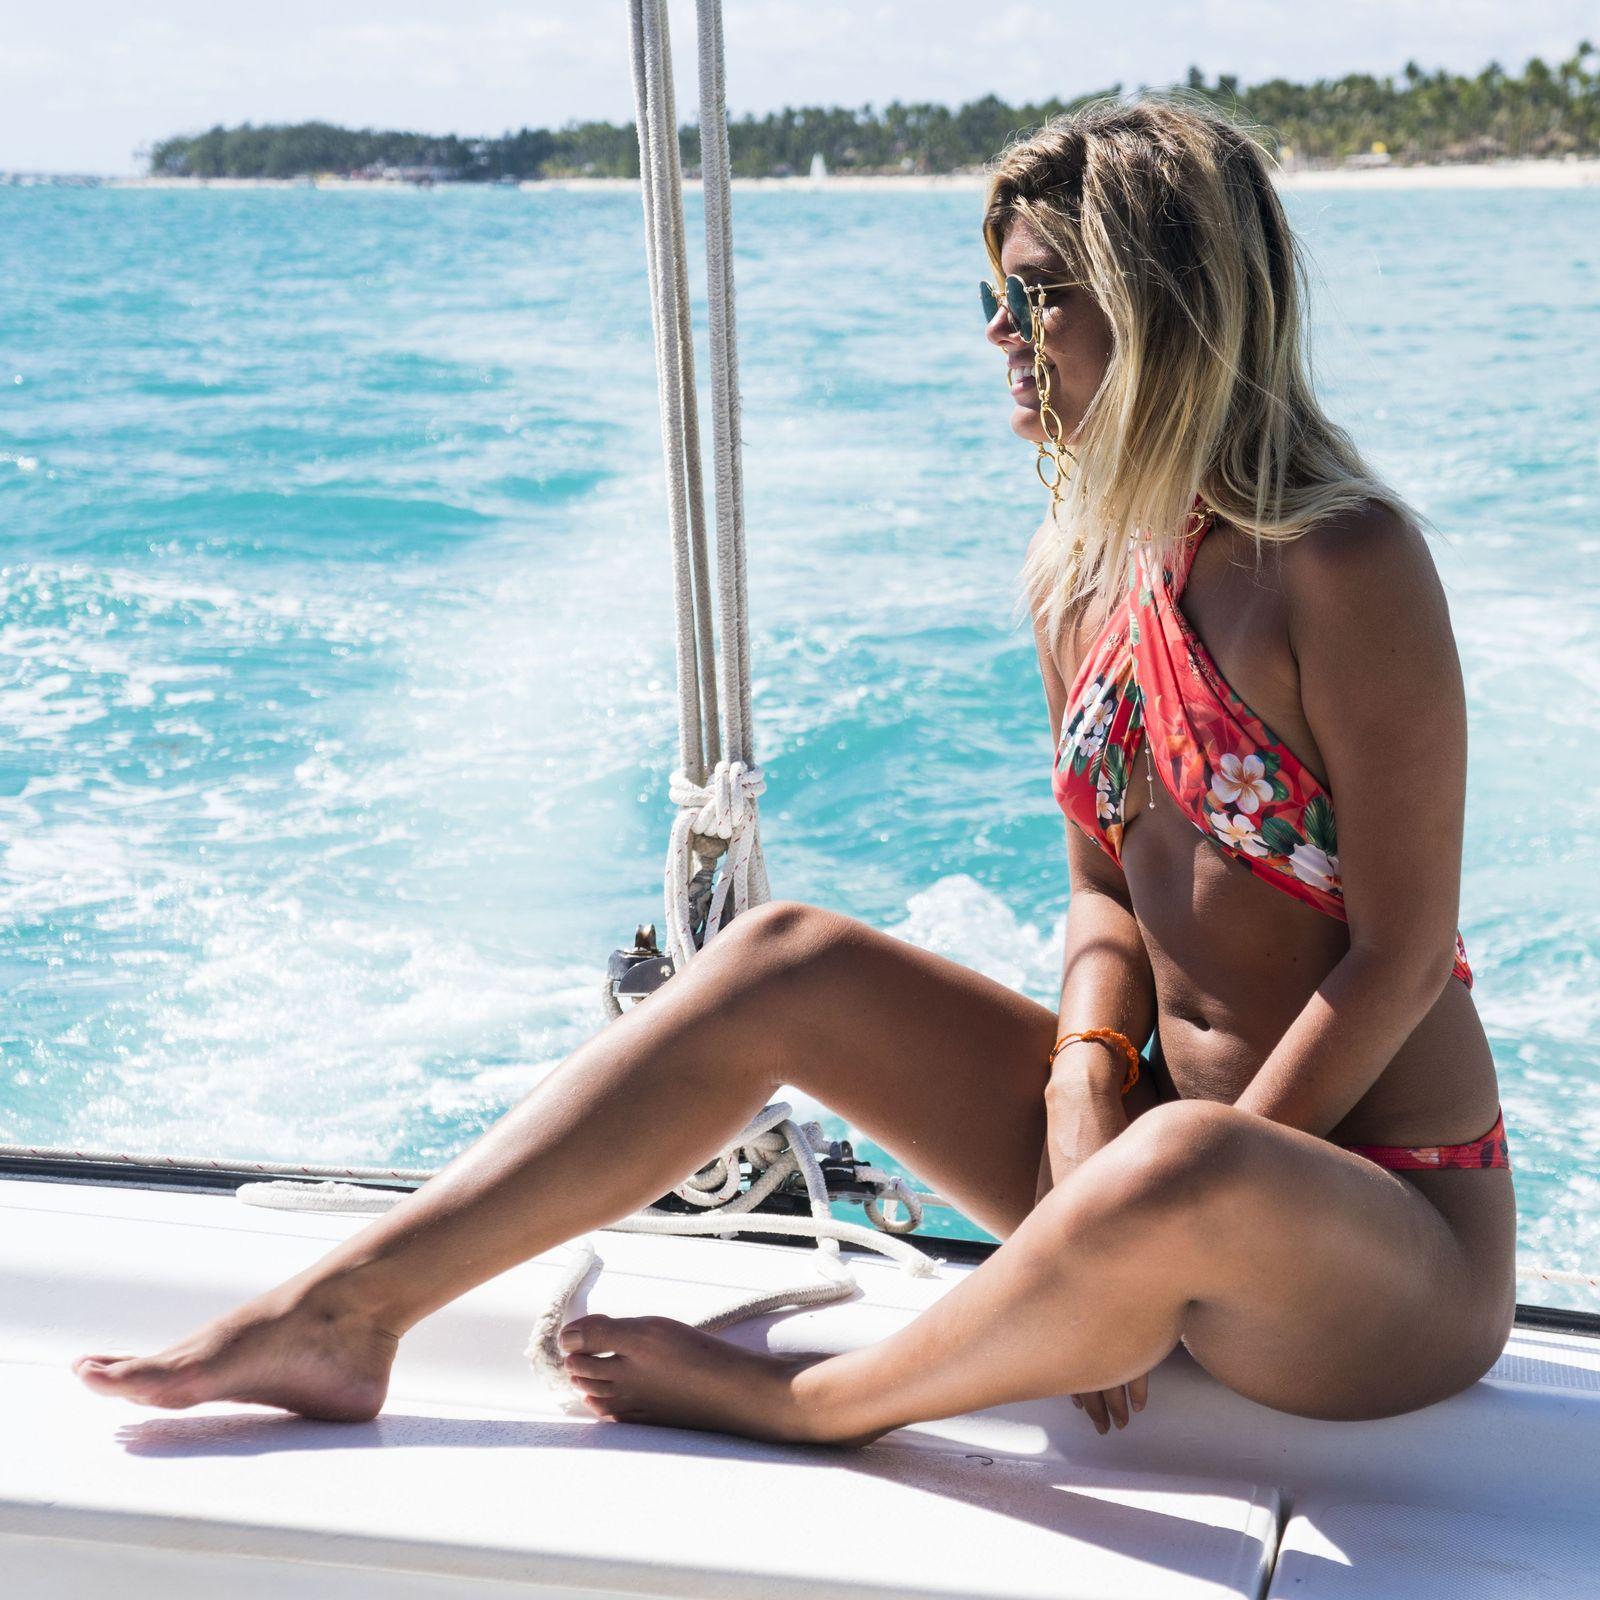 Excursiones para navegar por el Mar Caribe de mano de la brasileña Marina Pumar en Punta Cana